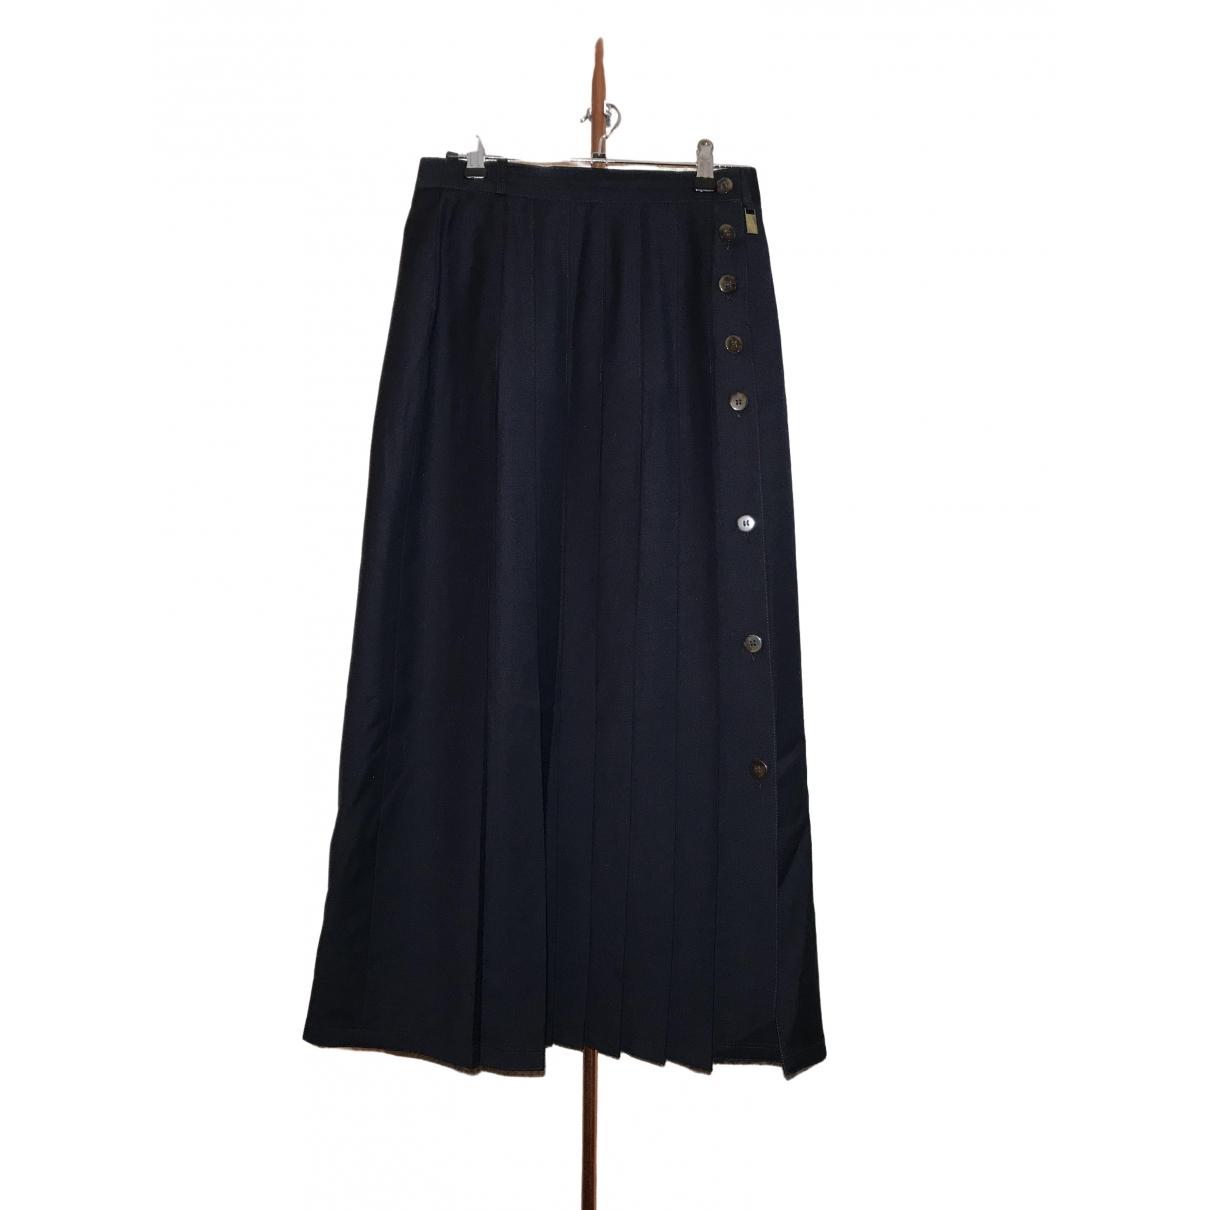 Aigner \N Navy Wool skirt for Women 38 FR